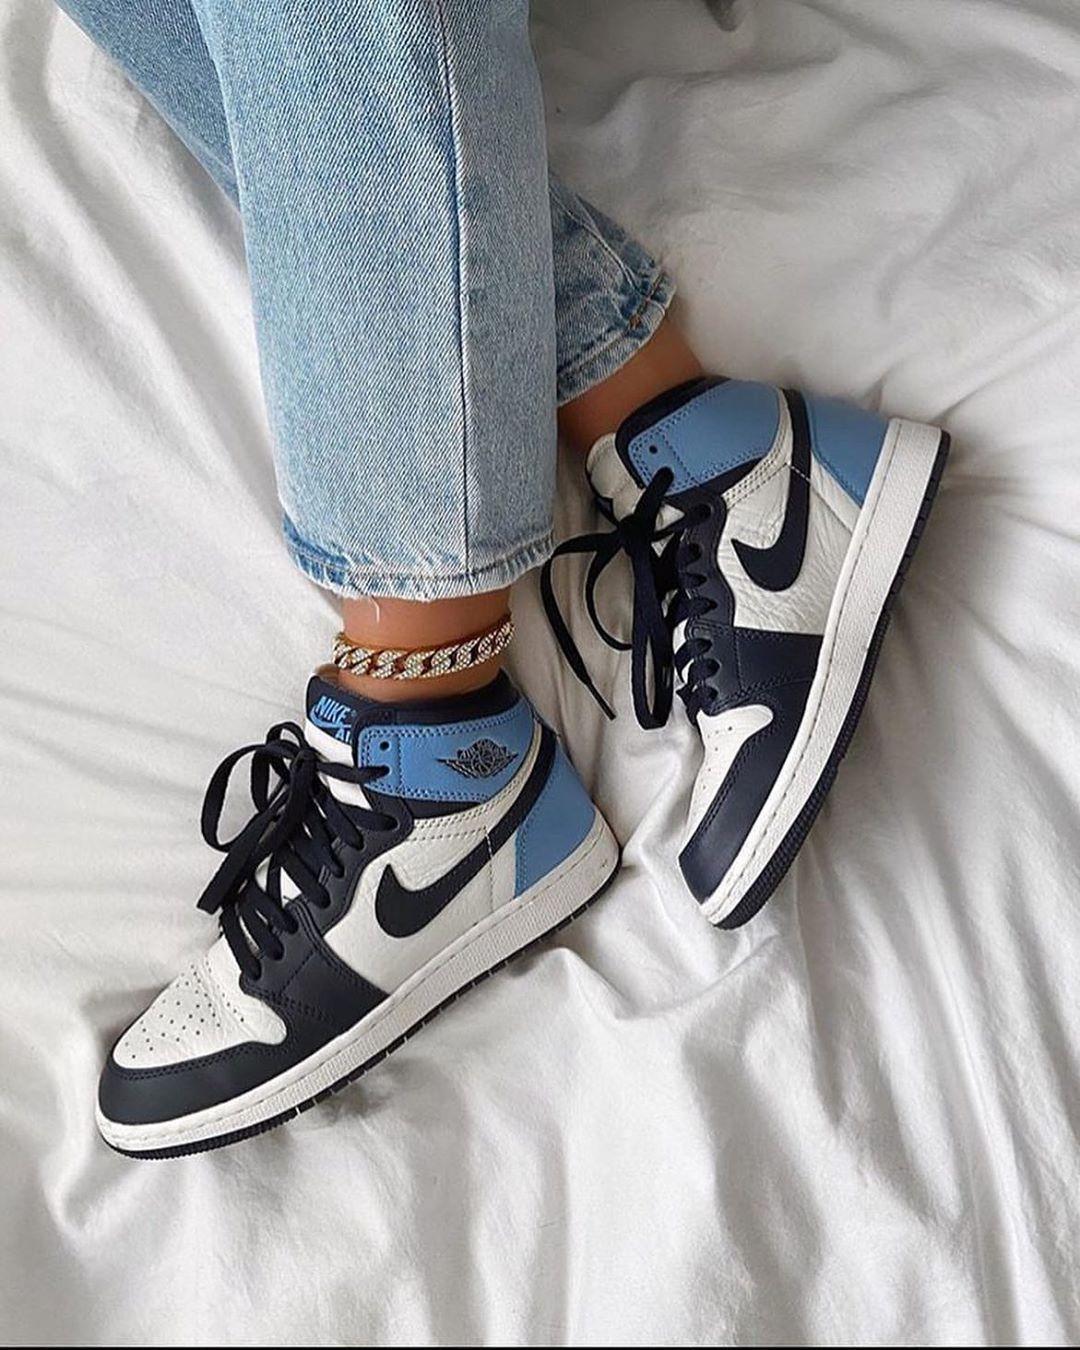 متر نصف لعبه Nike Air Jordan Retro 1 Mujer Abdullaheas Com